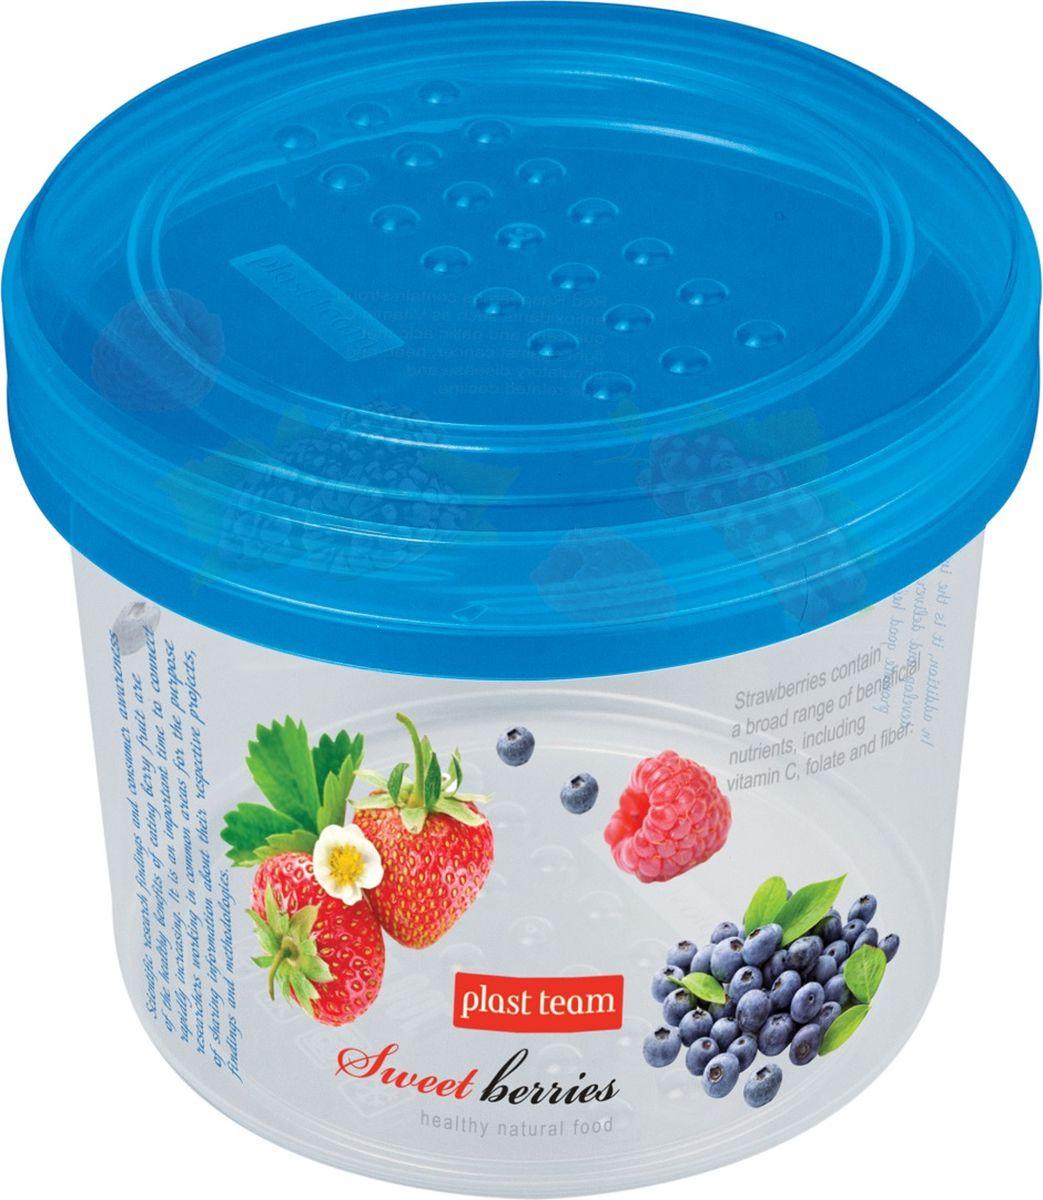 Банка для сыпучих продуктов Plast Team Berry, 0,7 лPT1128IMLНАТ-BE-12PNЛегкая, прочная банка с закручивающейся крышкой предназначена для хранения продуктов, заморозки, разогревания в СВЧ, переноски обедов. Конструктивное решение крышки и дна банки обеспечивает надежную установку друг на друга при хранении в холодильнике или шкафу.Использовать в СВЧ только для разогрева пищи (не более 3-х минут), при открытой крышке.Вплавляемая IML- этикетка устойчива к стиранию.